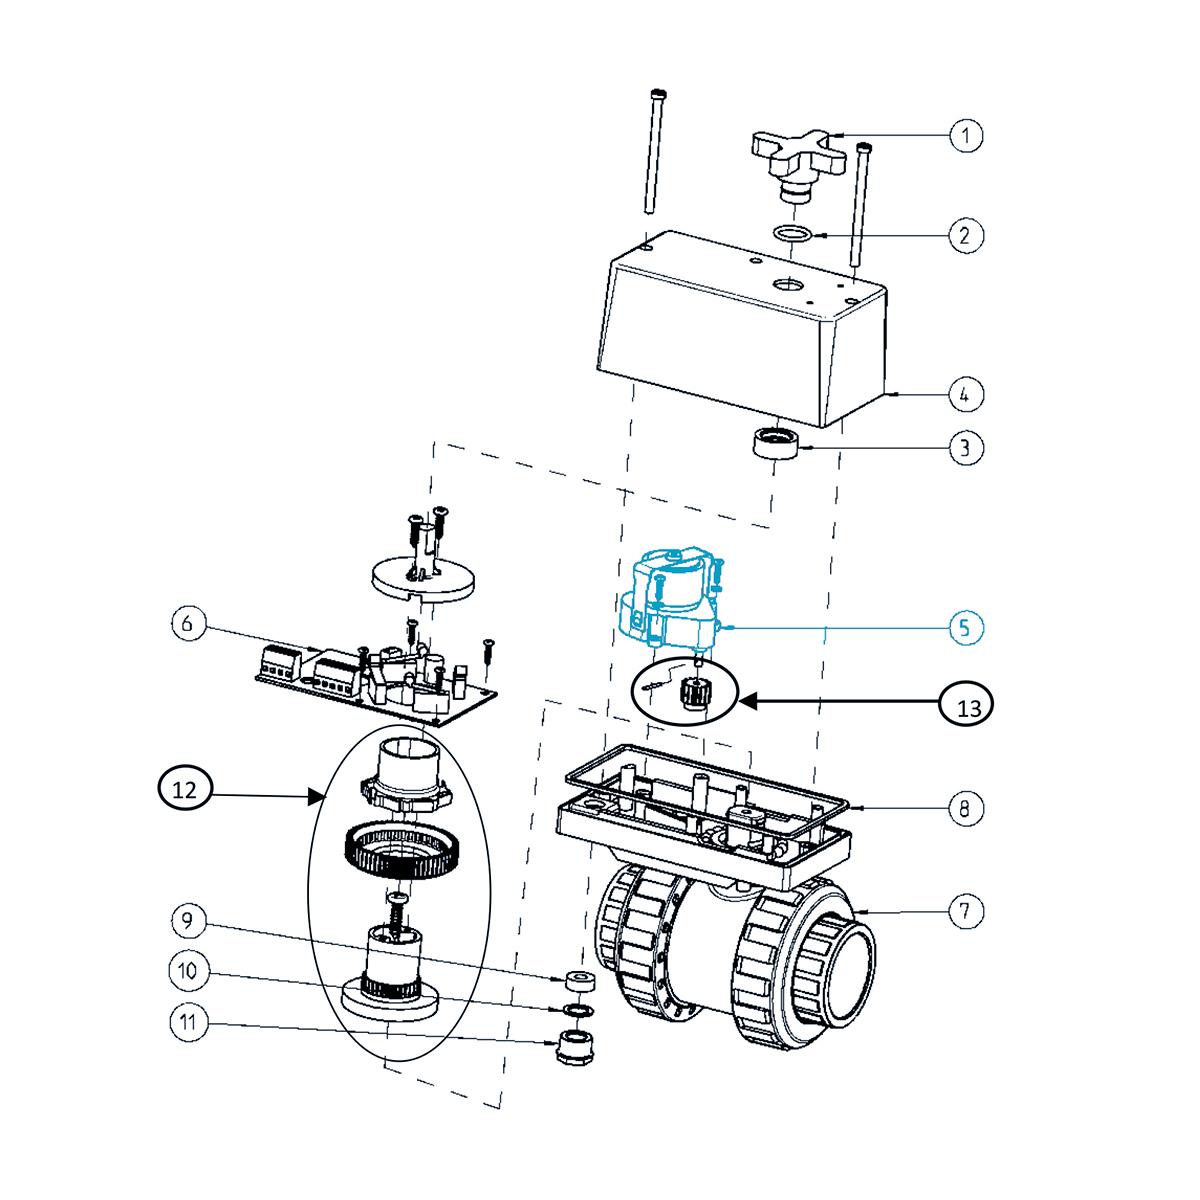 Getriebemotor - Ersatzteilset für EO510 ECO 230VAC Getriebemotor - Ersatzteilset für EO510 ECO 230VAC